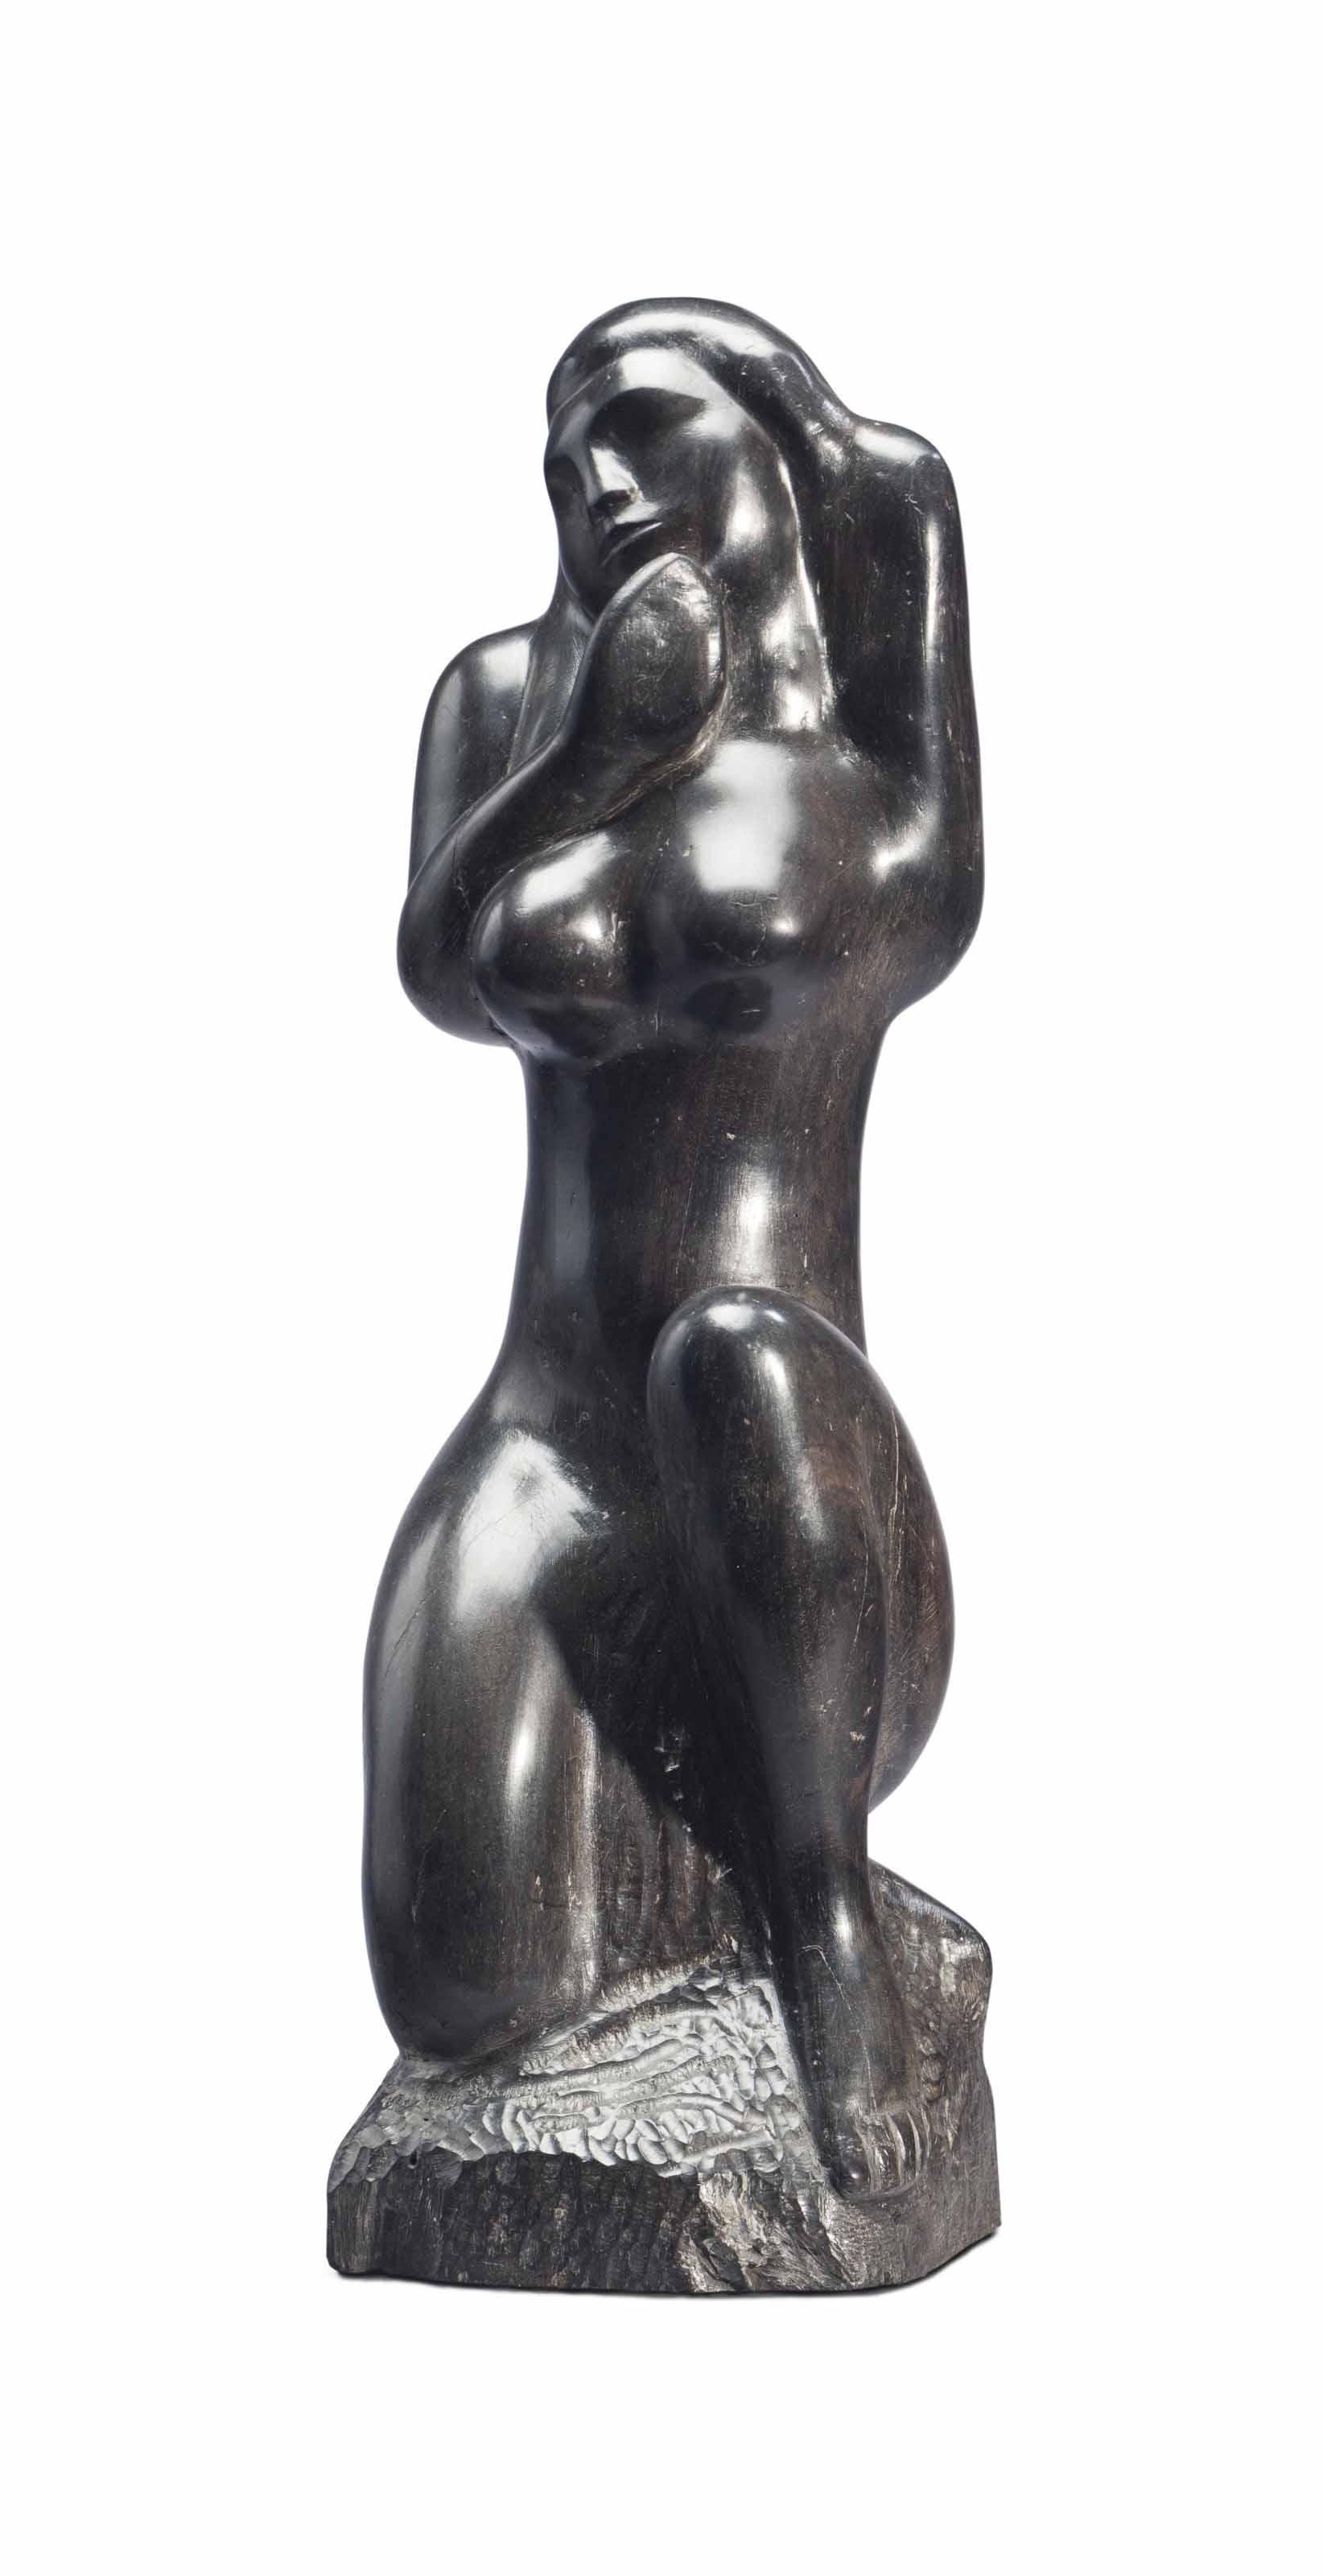 Bestowal (Kneeling Figure)